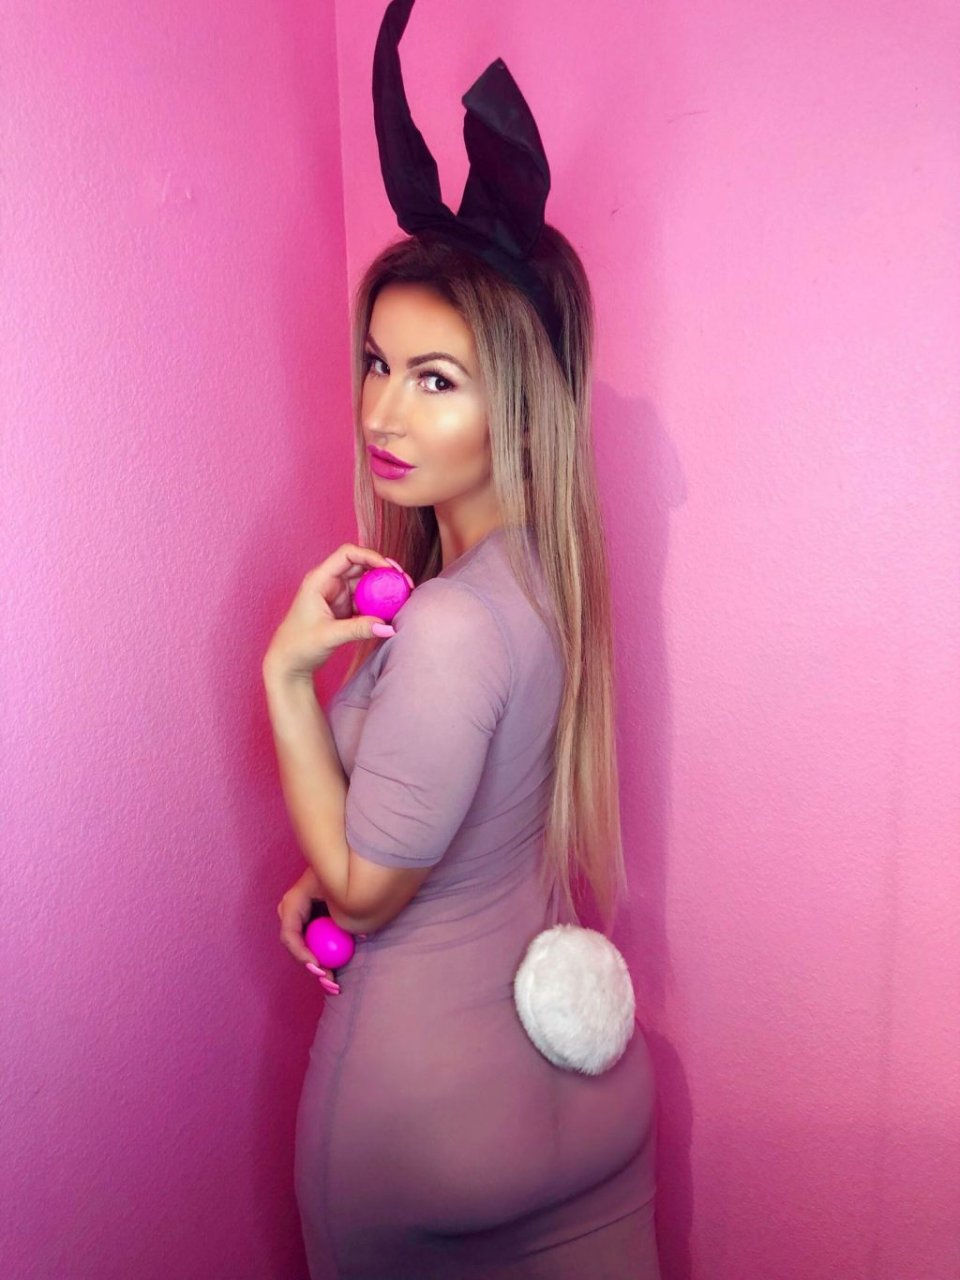 Ana Braga See Through & Sexy (27 Photos)